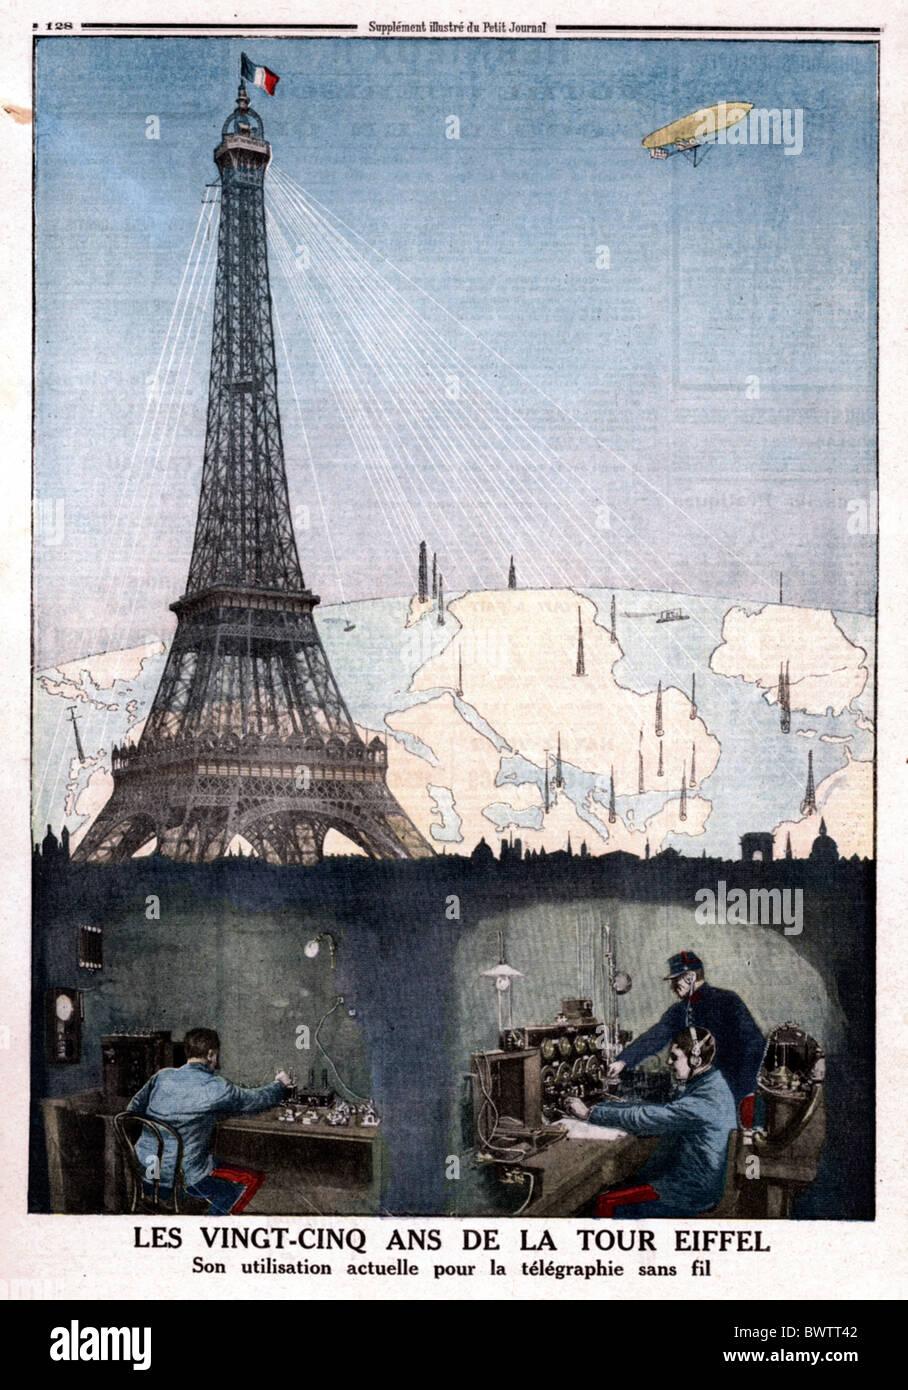 Le Petit Journal Abbildung 1914 Eiffel Tower Paris Frankreich Europa Geschichte geschichtlich historischen Zeitschrift Stockbild